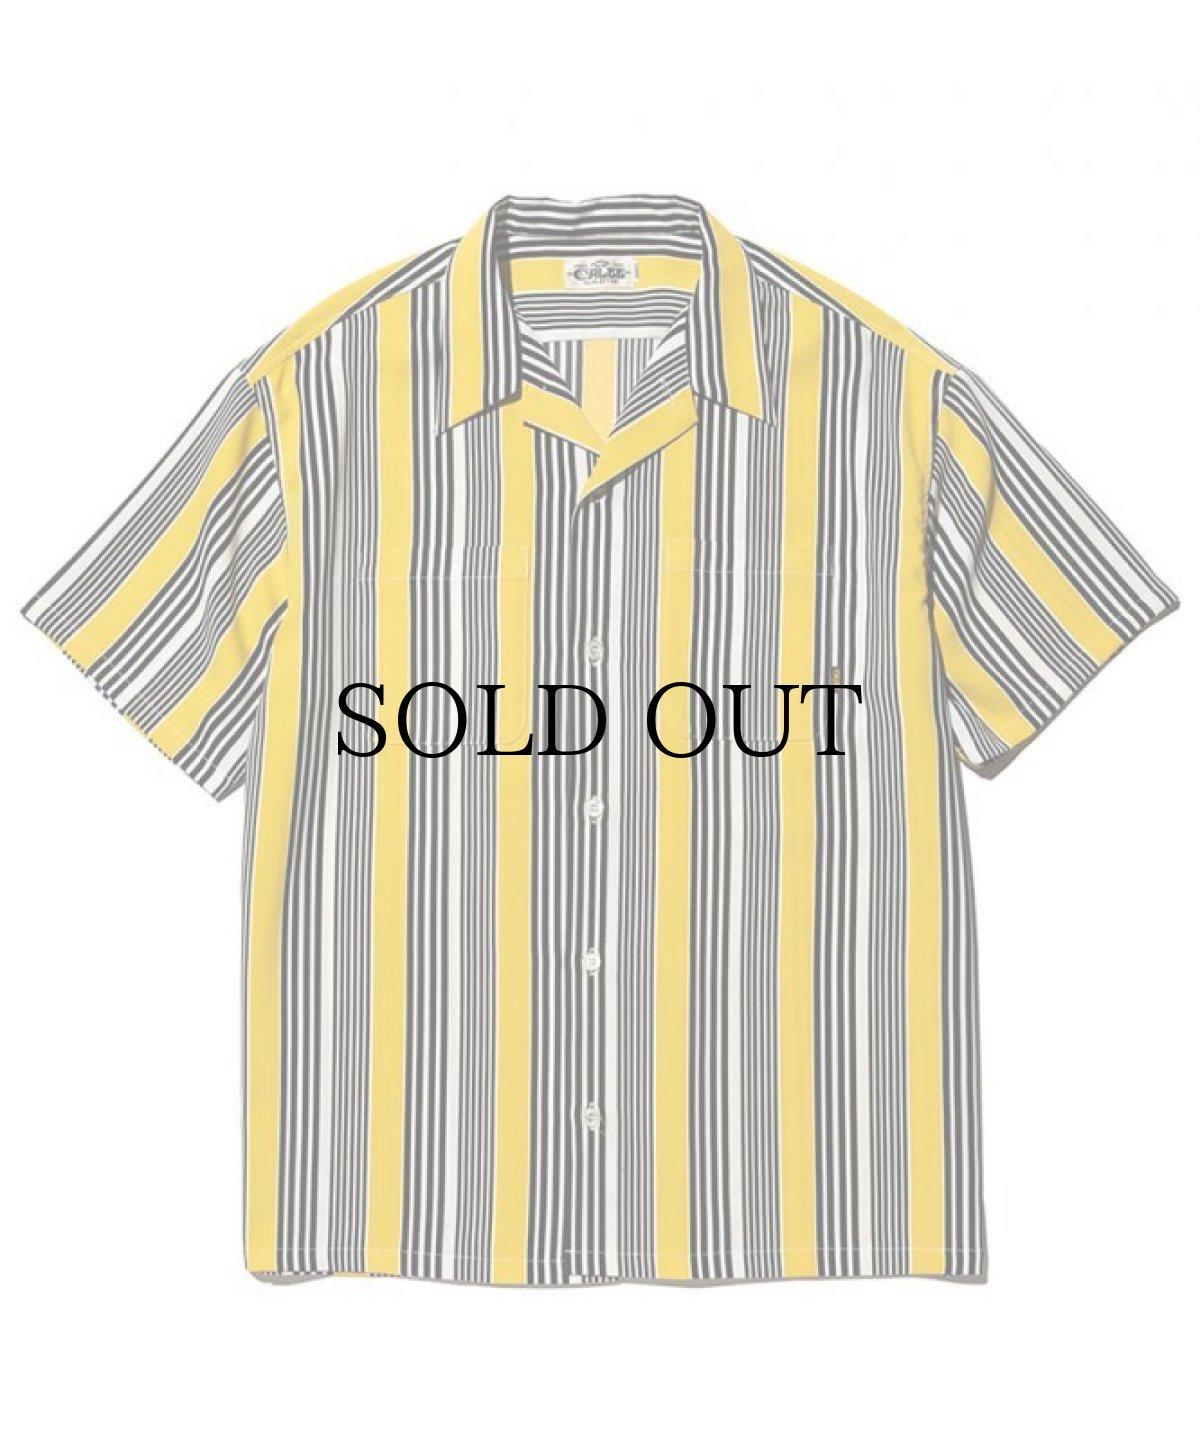 画像1: CALEE / S/S stripe shirt -YELLOW- (1)